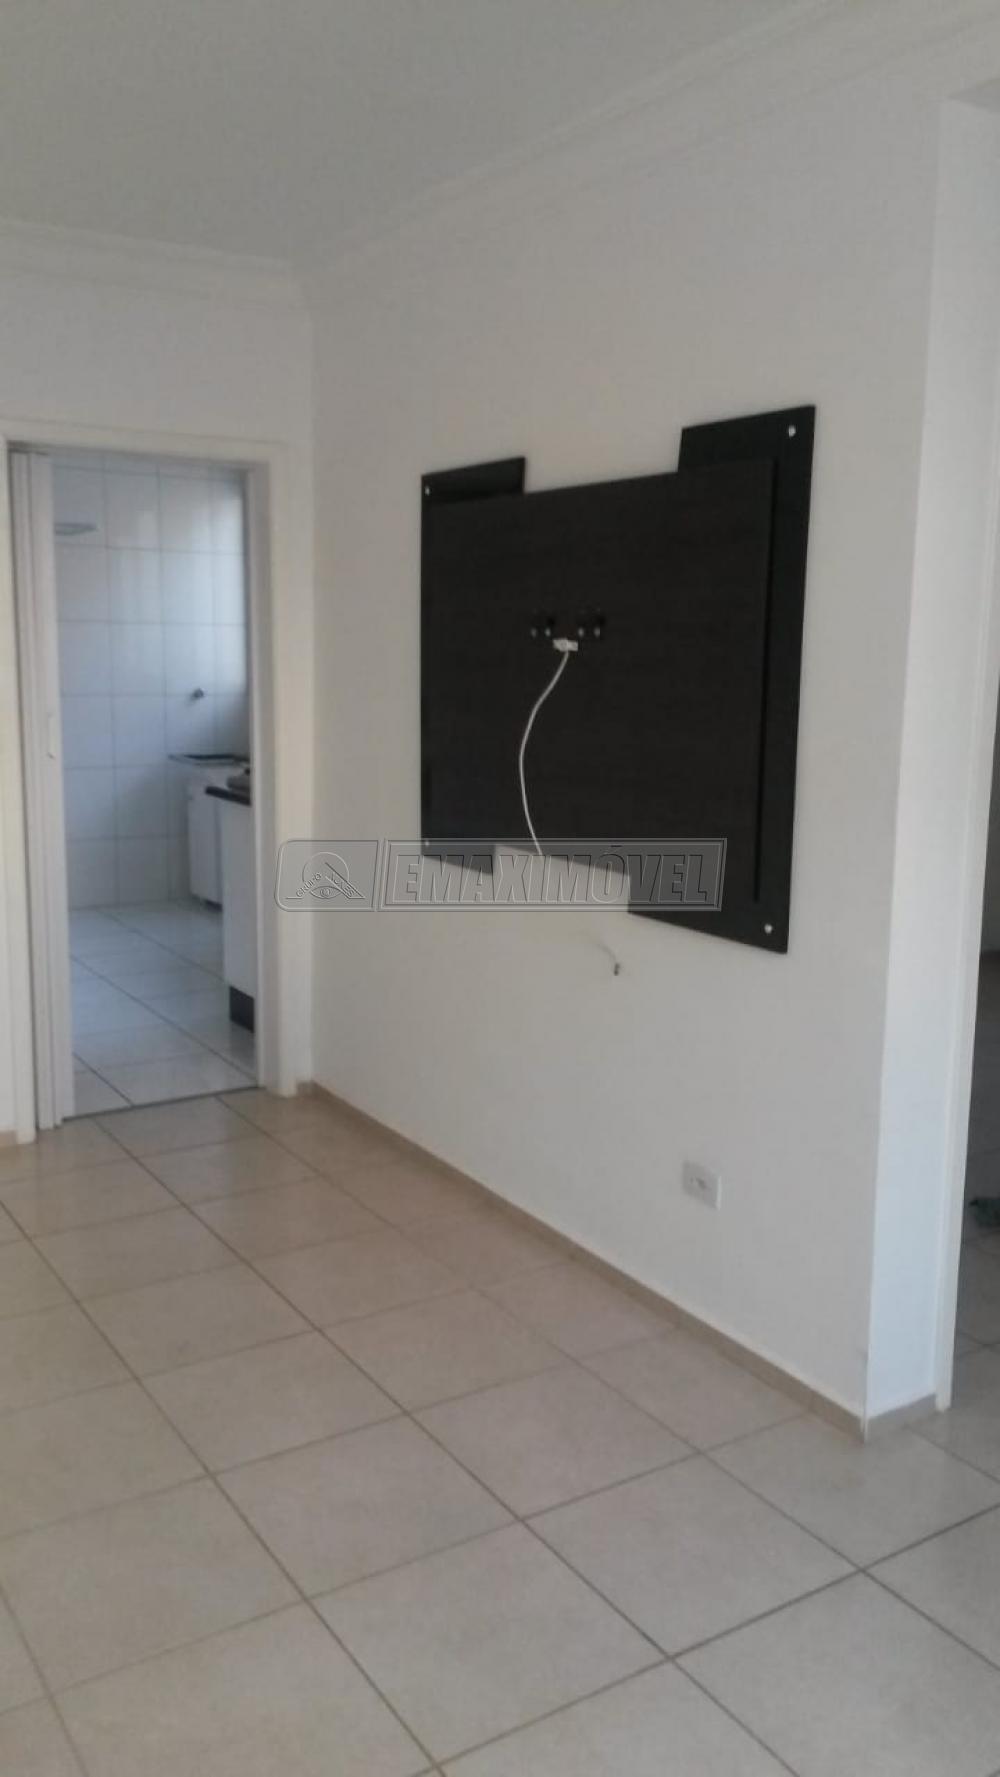 Comprar Apartamentos / Apto Padrão em Sorocaba apenas R$ 320.000,00 - Foto 4